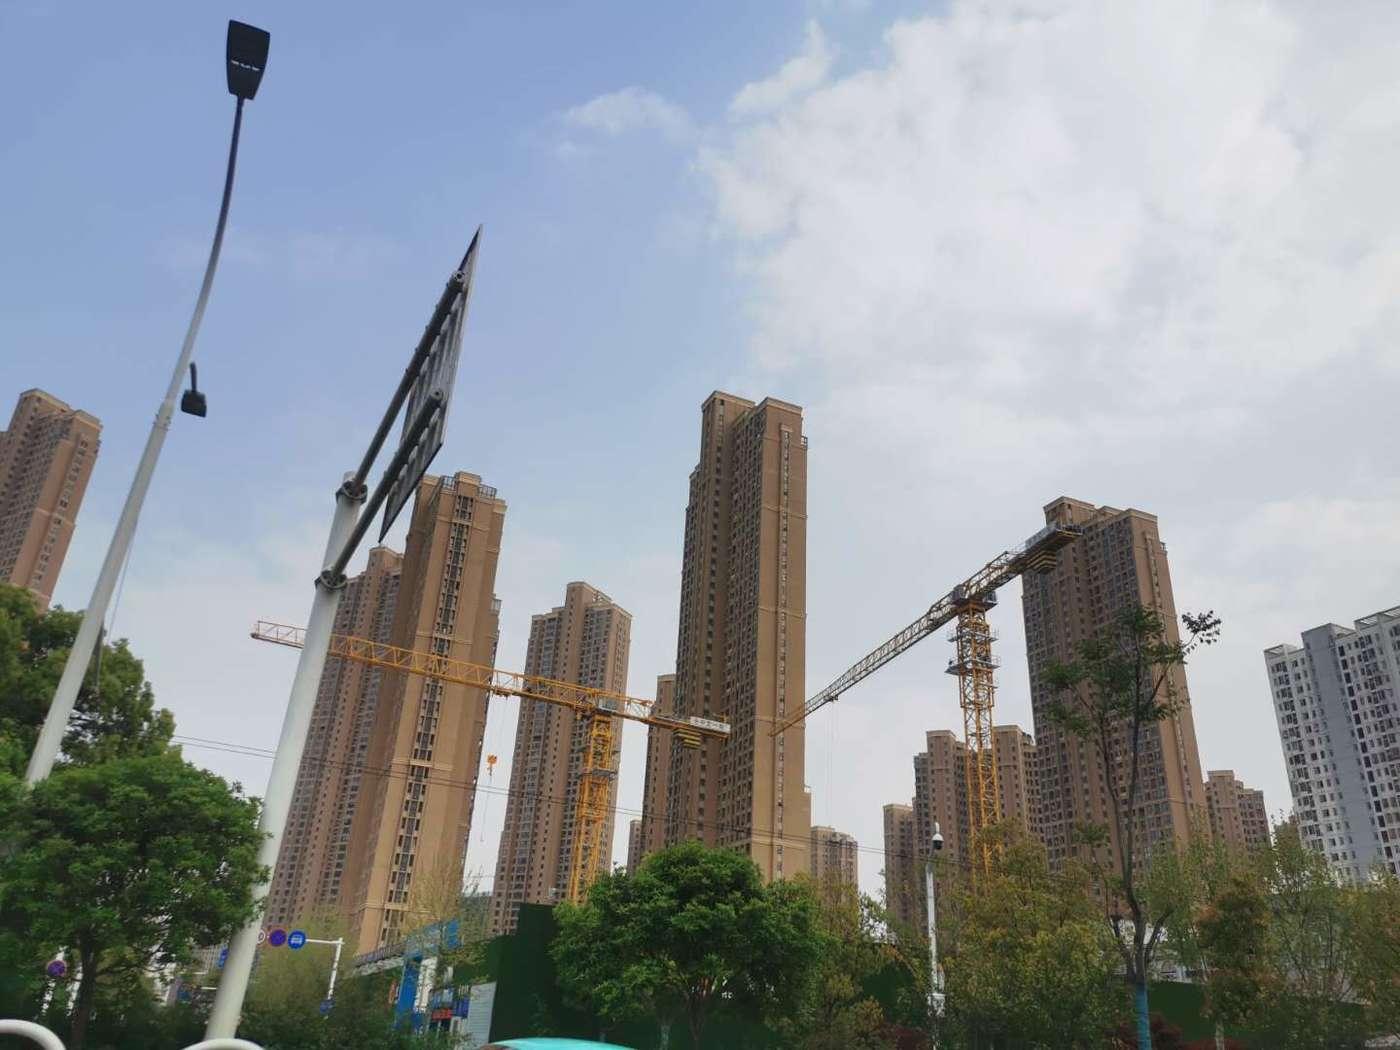 武汉在建楼盘,图自证券时报记者臧晓松